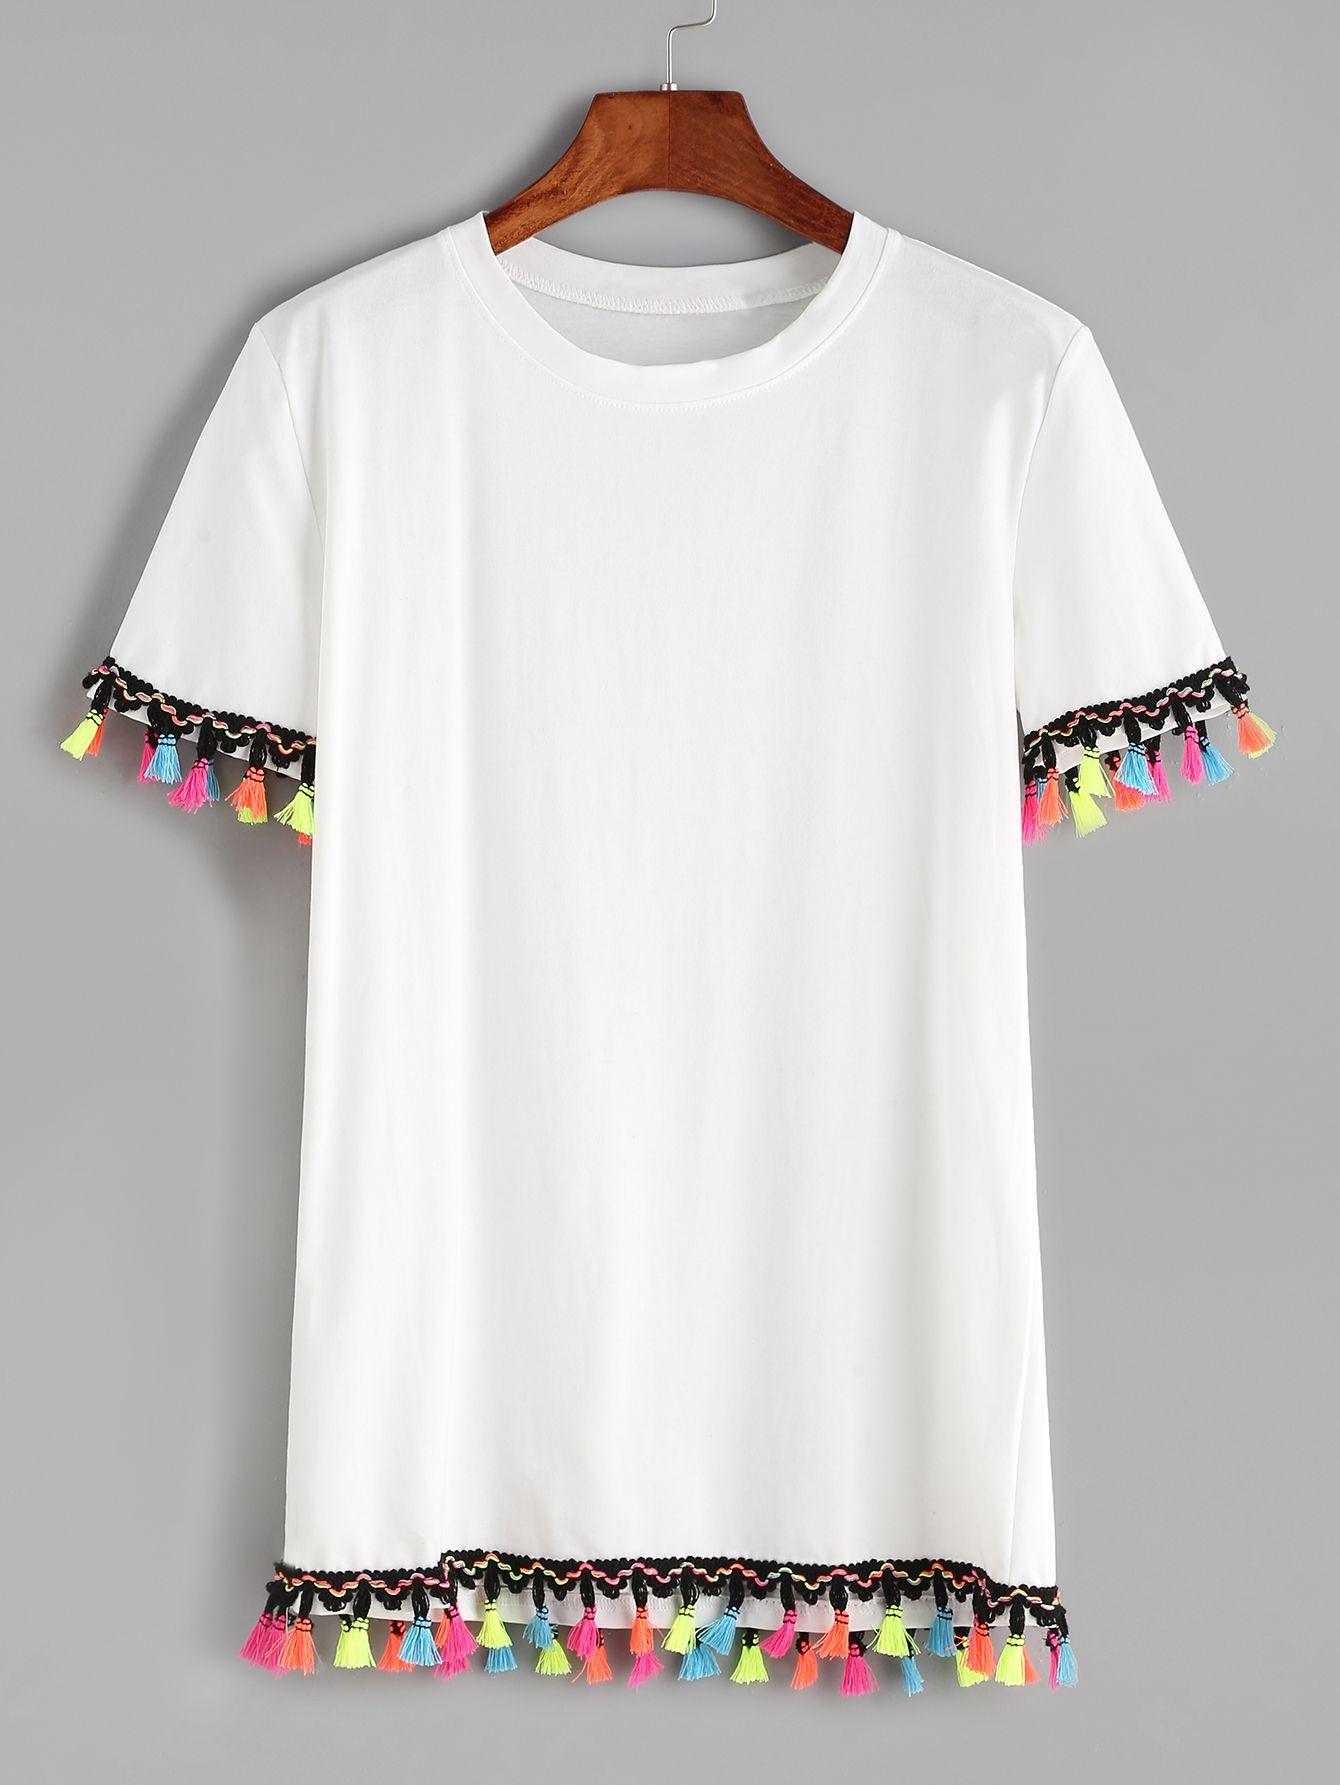 7ea21988668b50 Shop White Contrast Crochet Fringe Trim T-shirt online. SheIn offers White  Contrast Crochet Fringe Trim T-shirt   more to fit your fashionable needs.